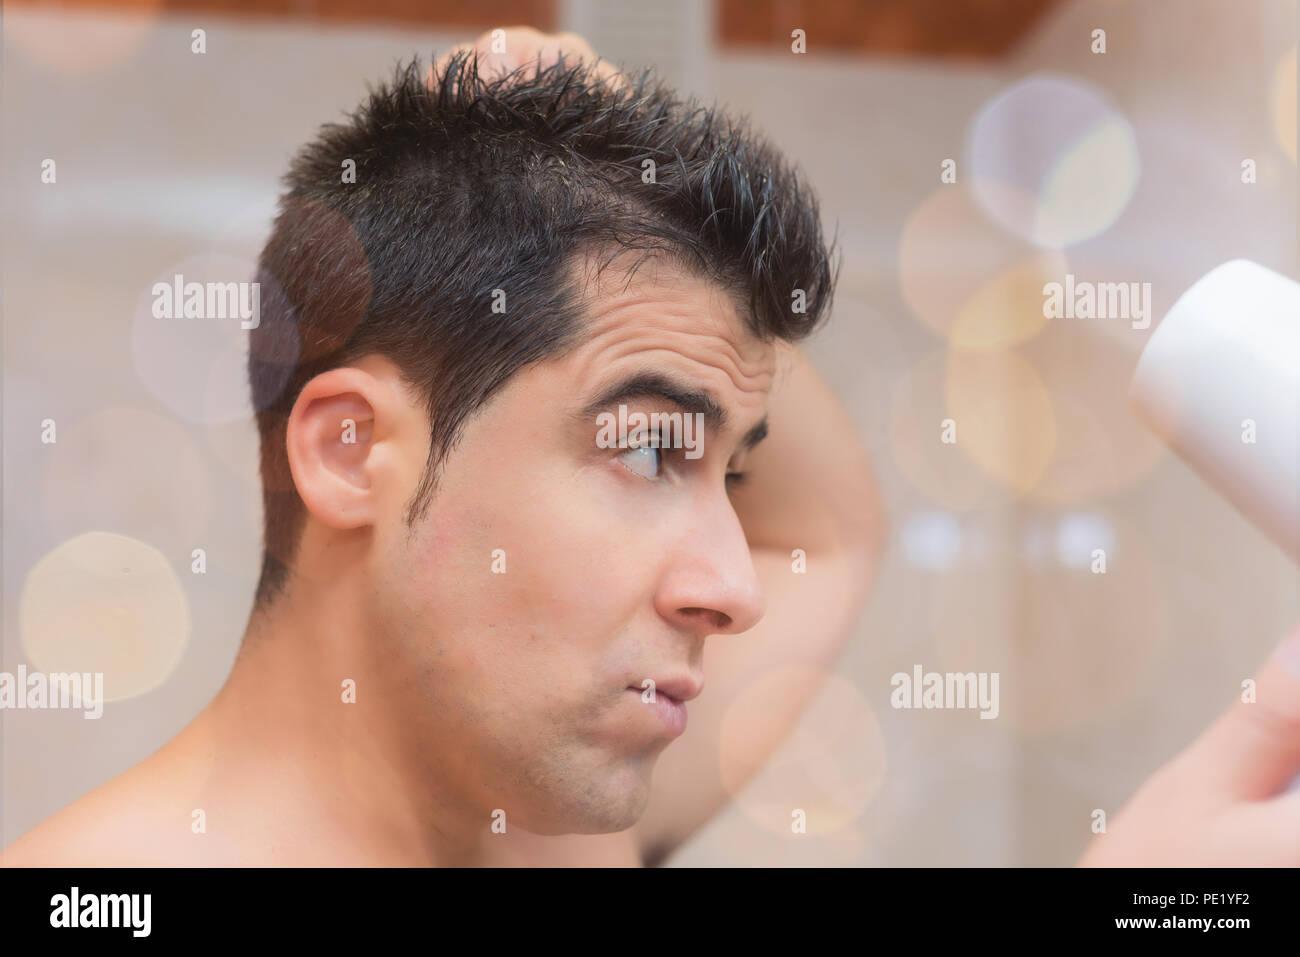 Bel homme en essuyant ses cheveux avec un sèche-cheveux. Concept Soins et Beauté de l'homme Photo Stock